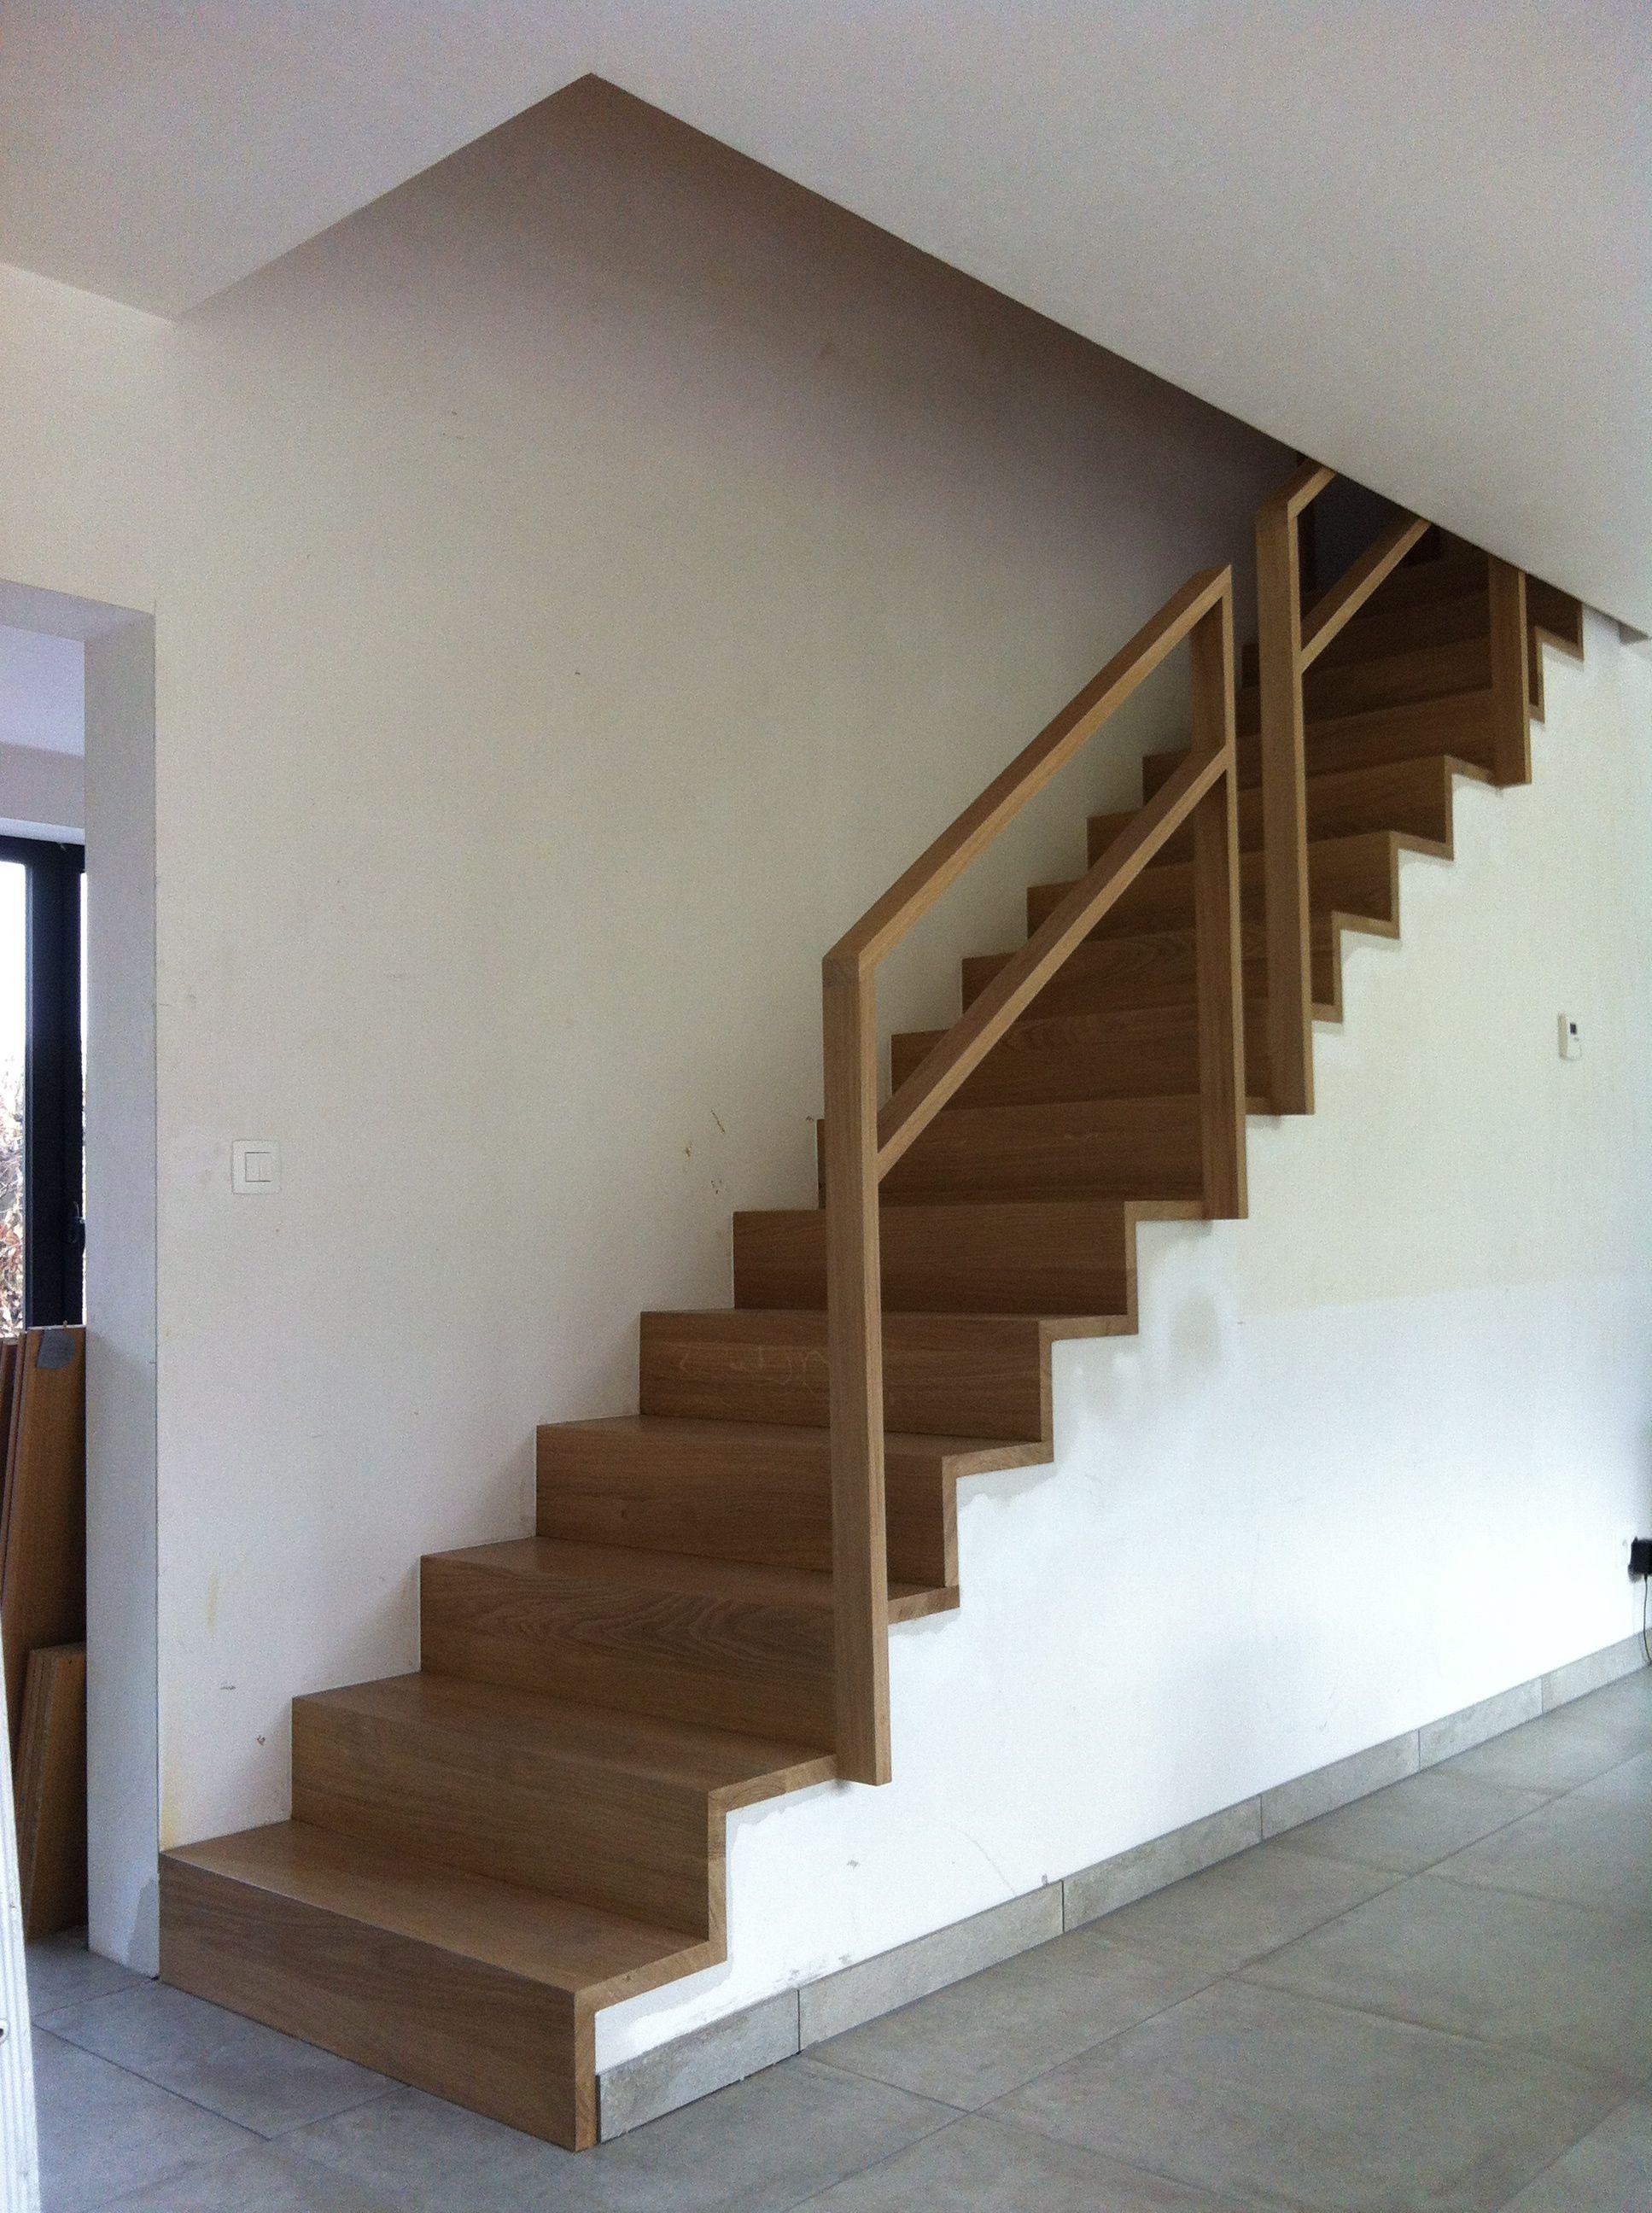 Escalier En Chene Sans Nez De Marche Recouvrement D Un Escalier En Beton Escalier En Chene Nez De Marche Escalier Beton